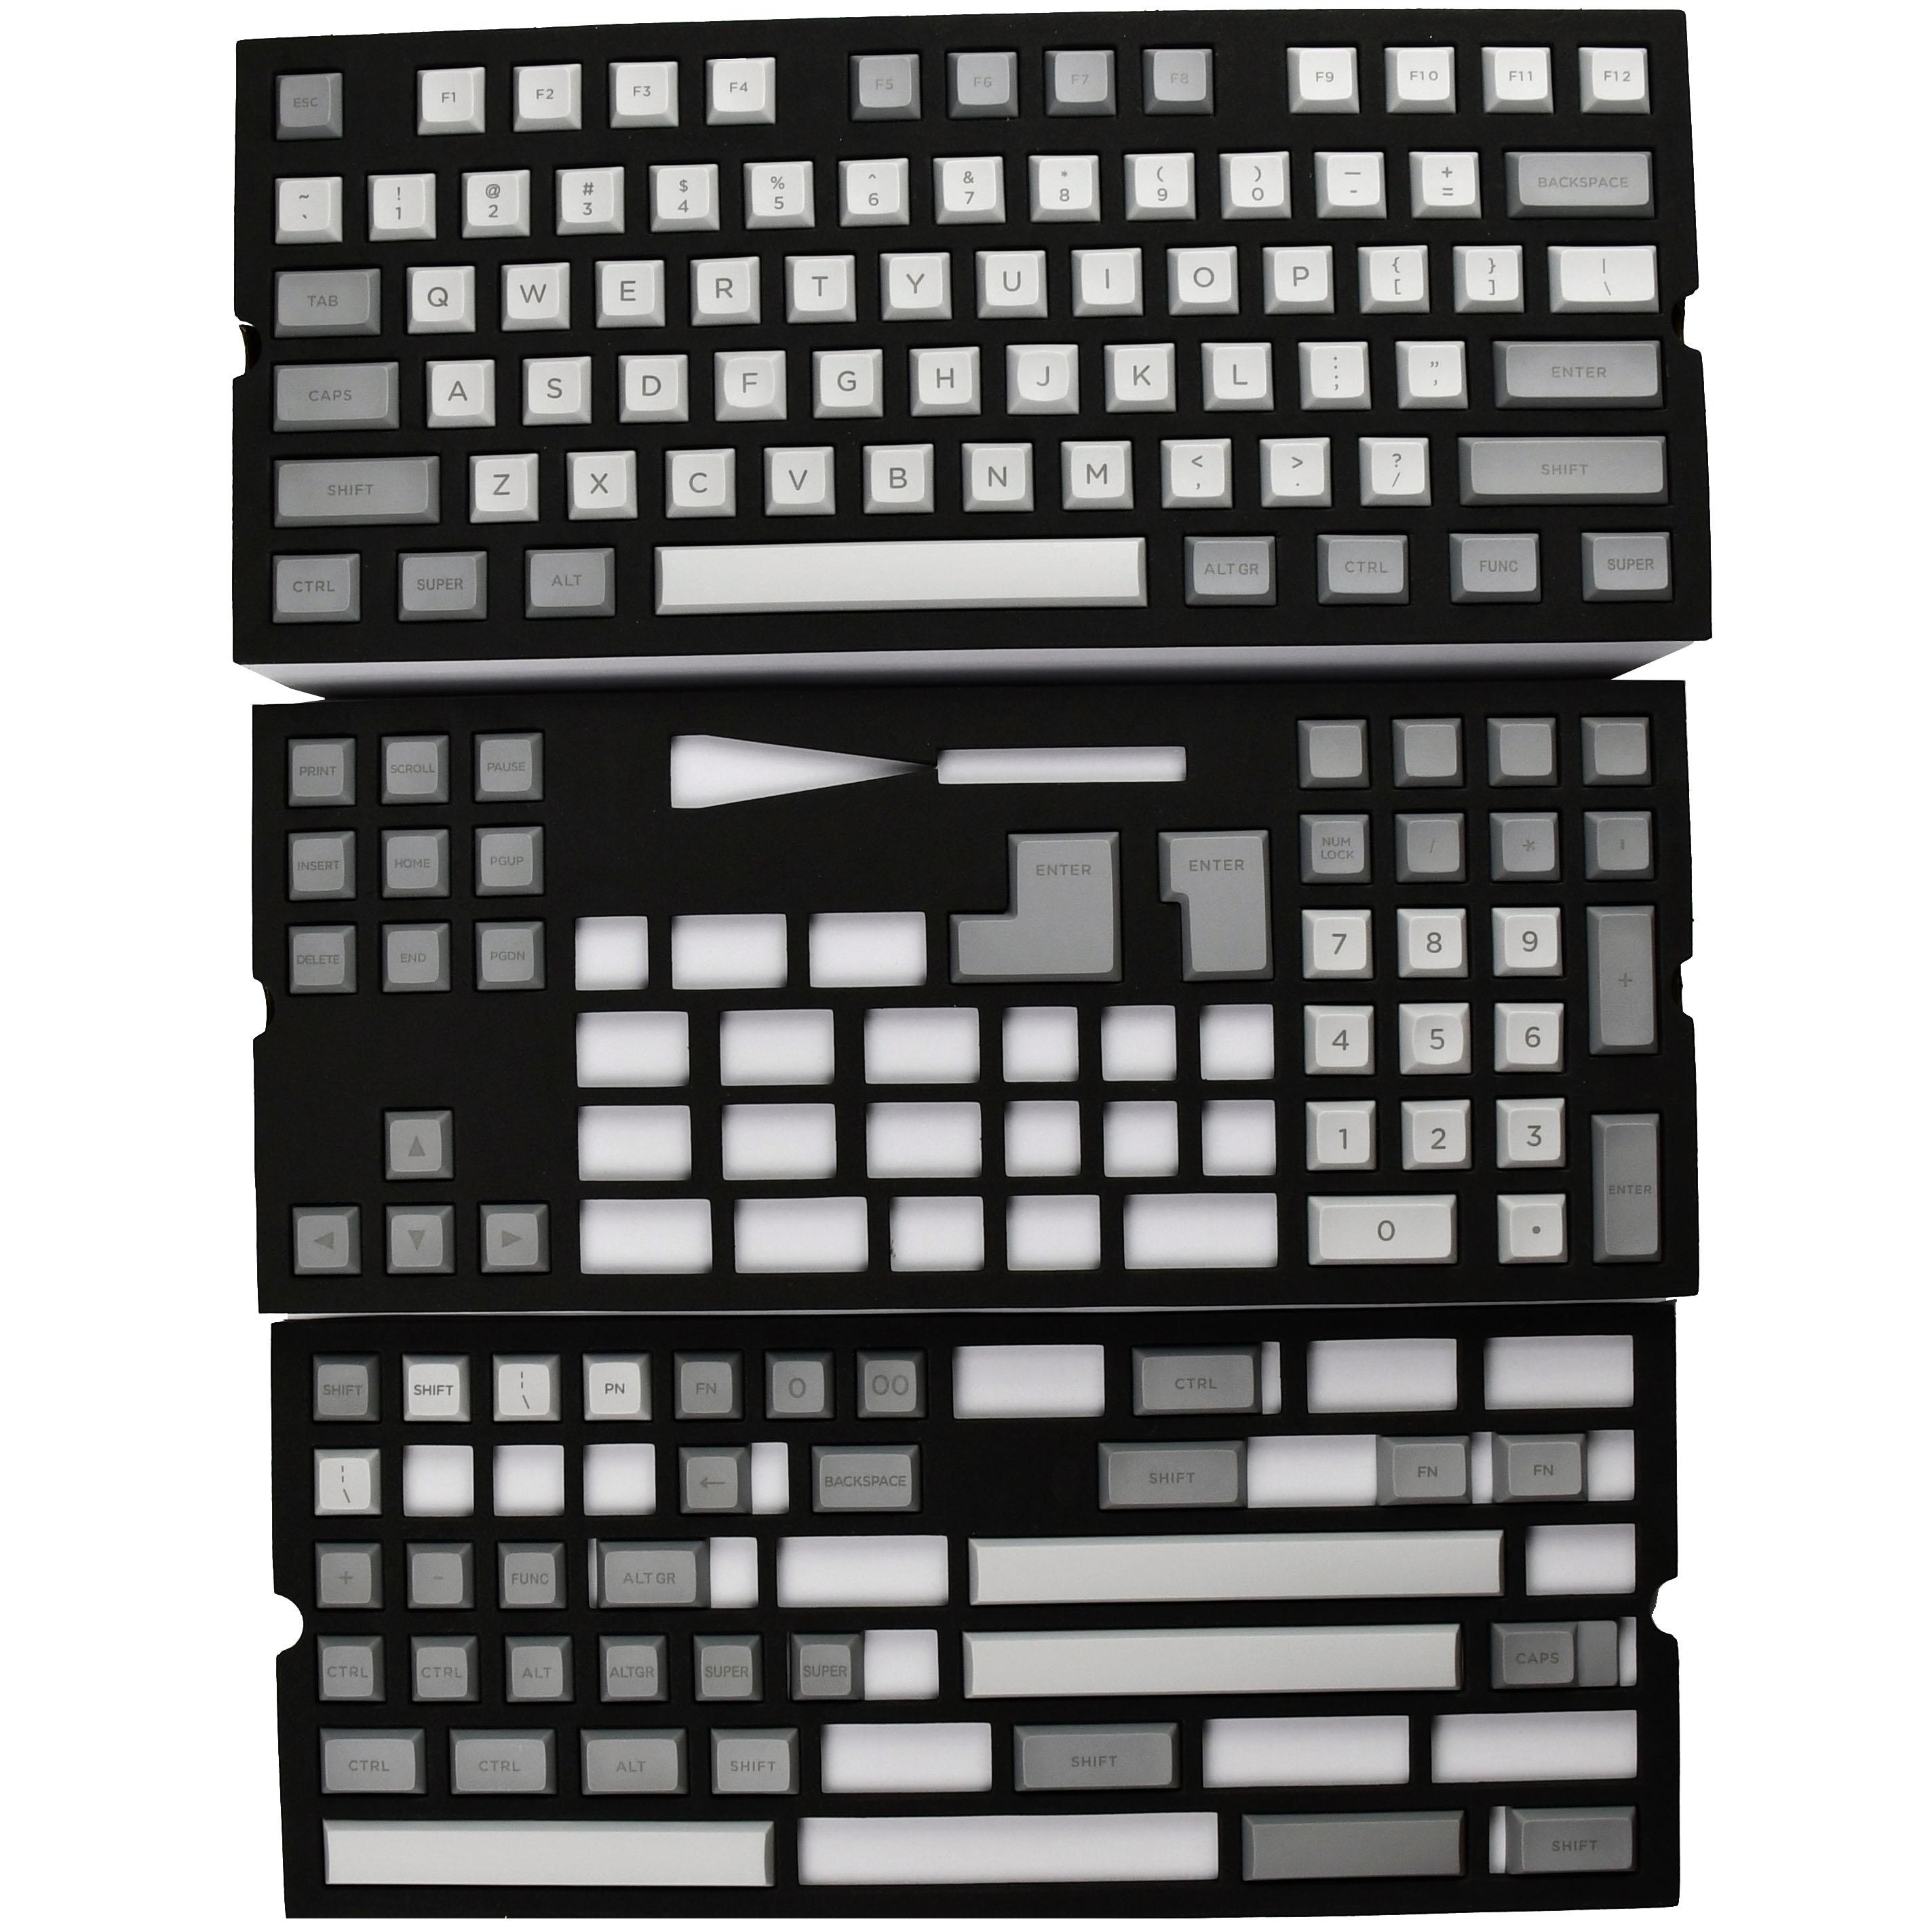 DSA Gray Keycaps 140 keys